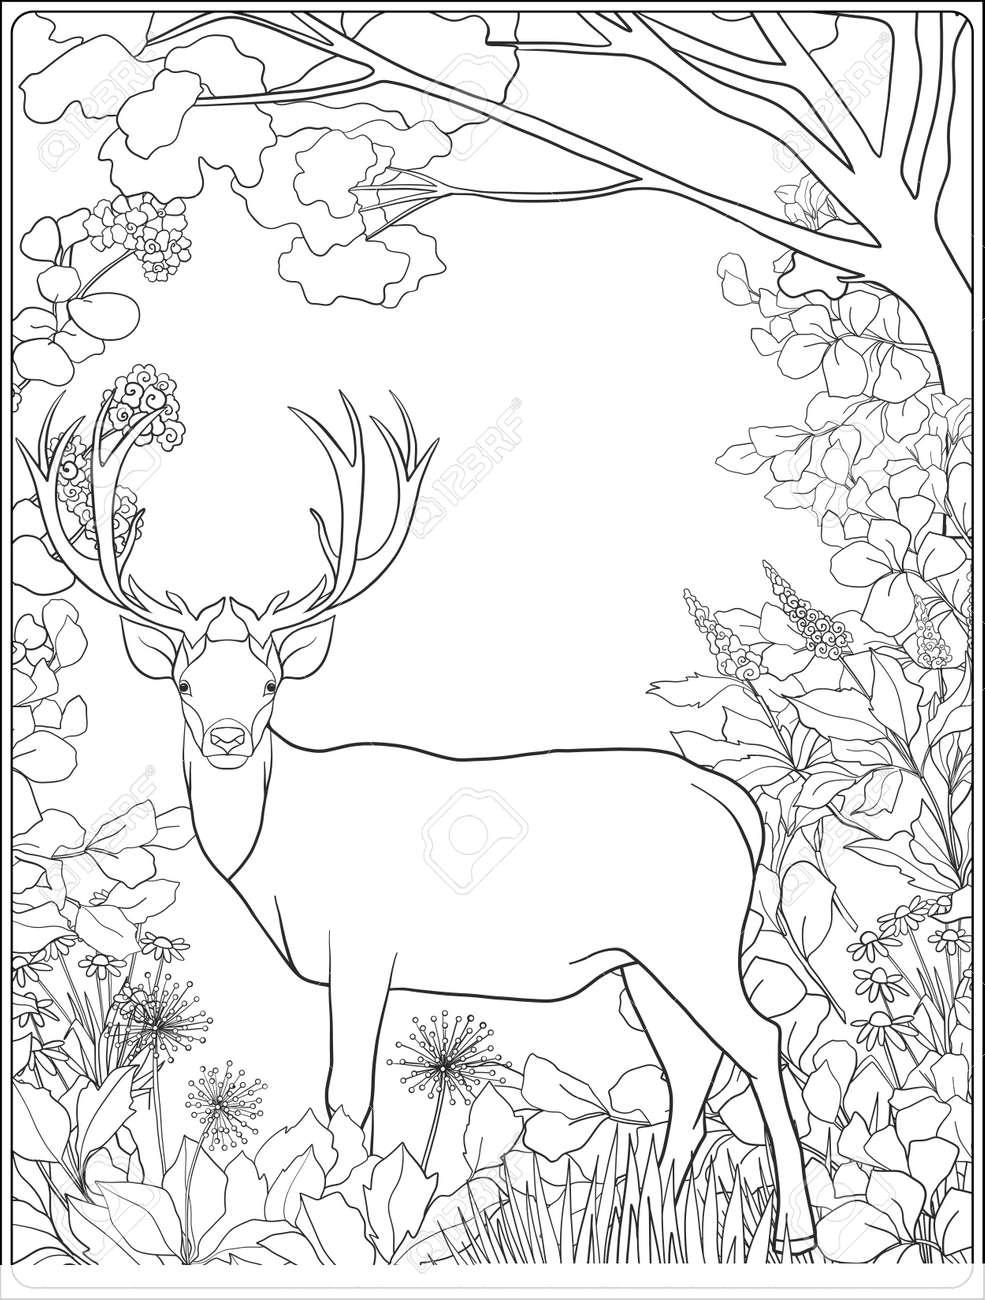 Coloriage Adulte Foret.Coloriage Avec Des Cerfs Dans La Foret Livre A Colorier Pour Les Adultes Et Les Enfants Plus Ages Vector Illustration Dessin Au Trait